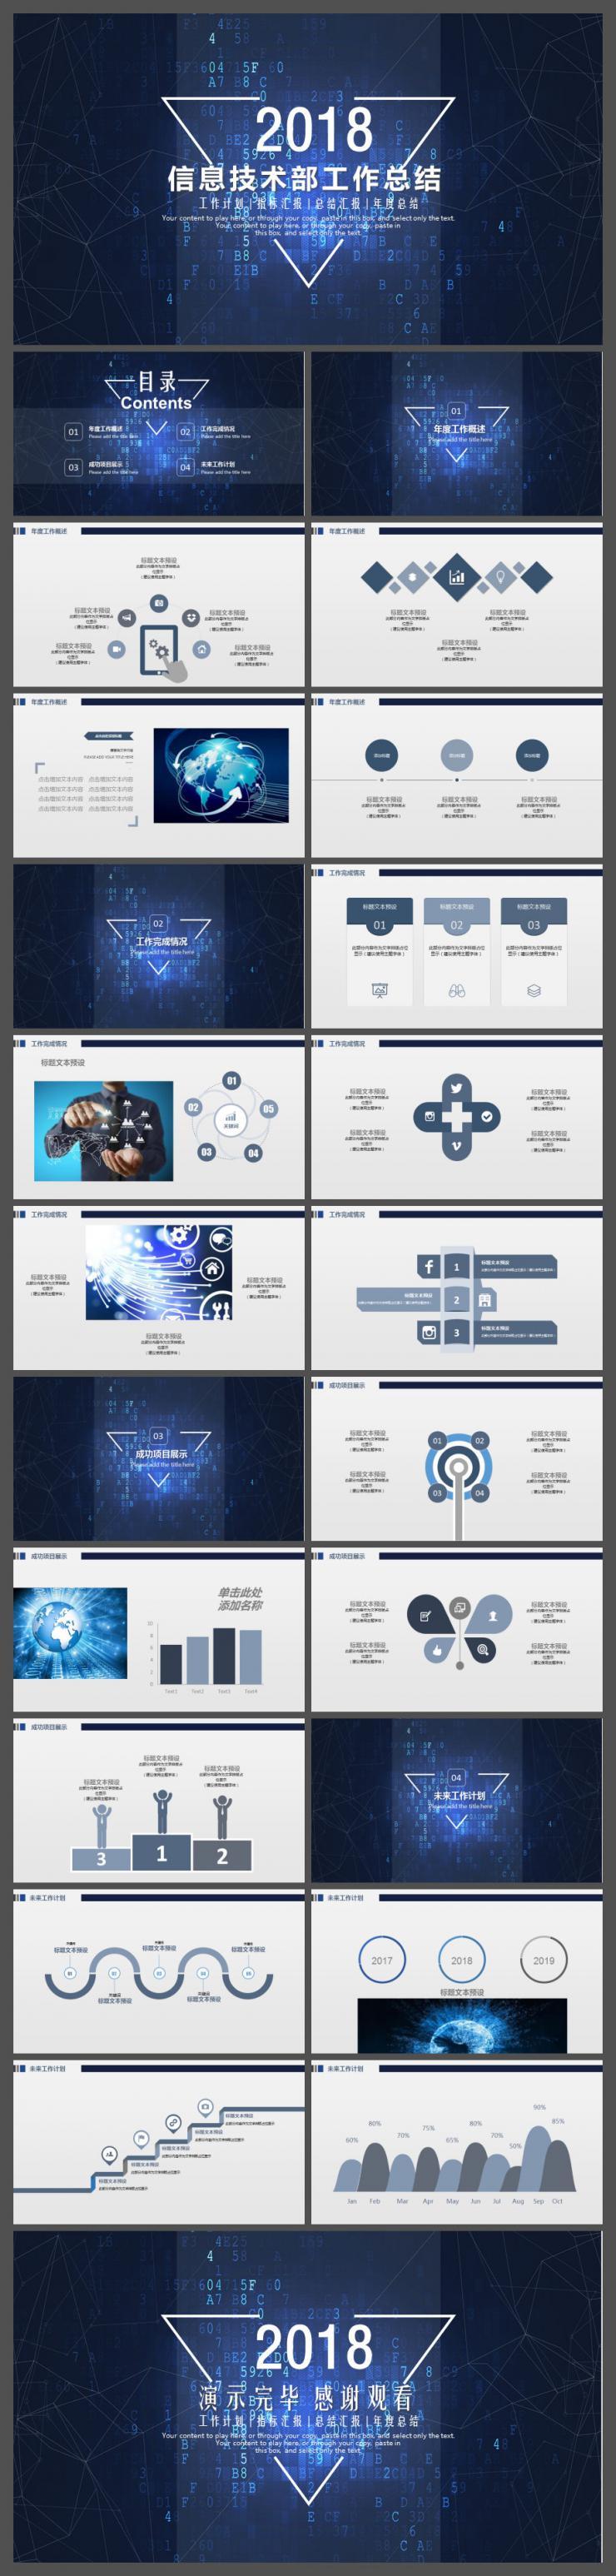 蓝色科技信息技术部工作计划总结汇报PPT模板